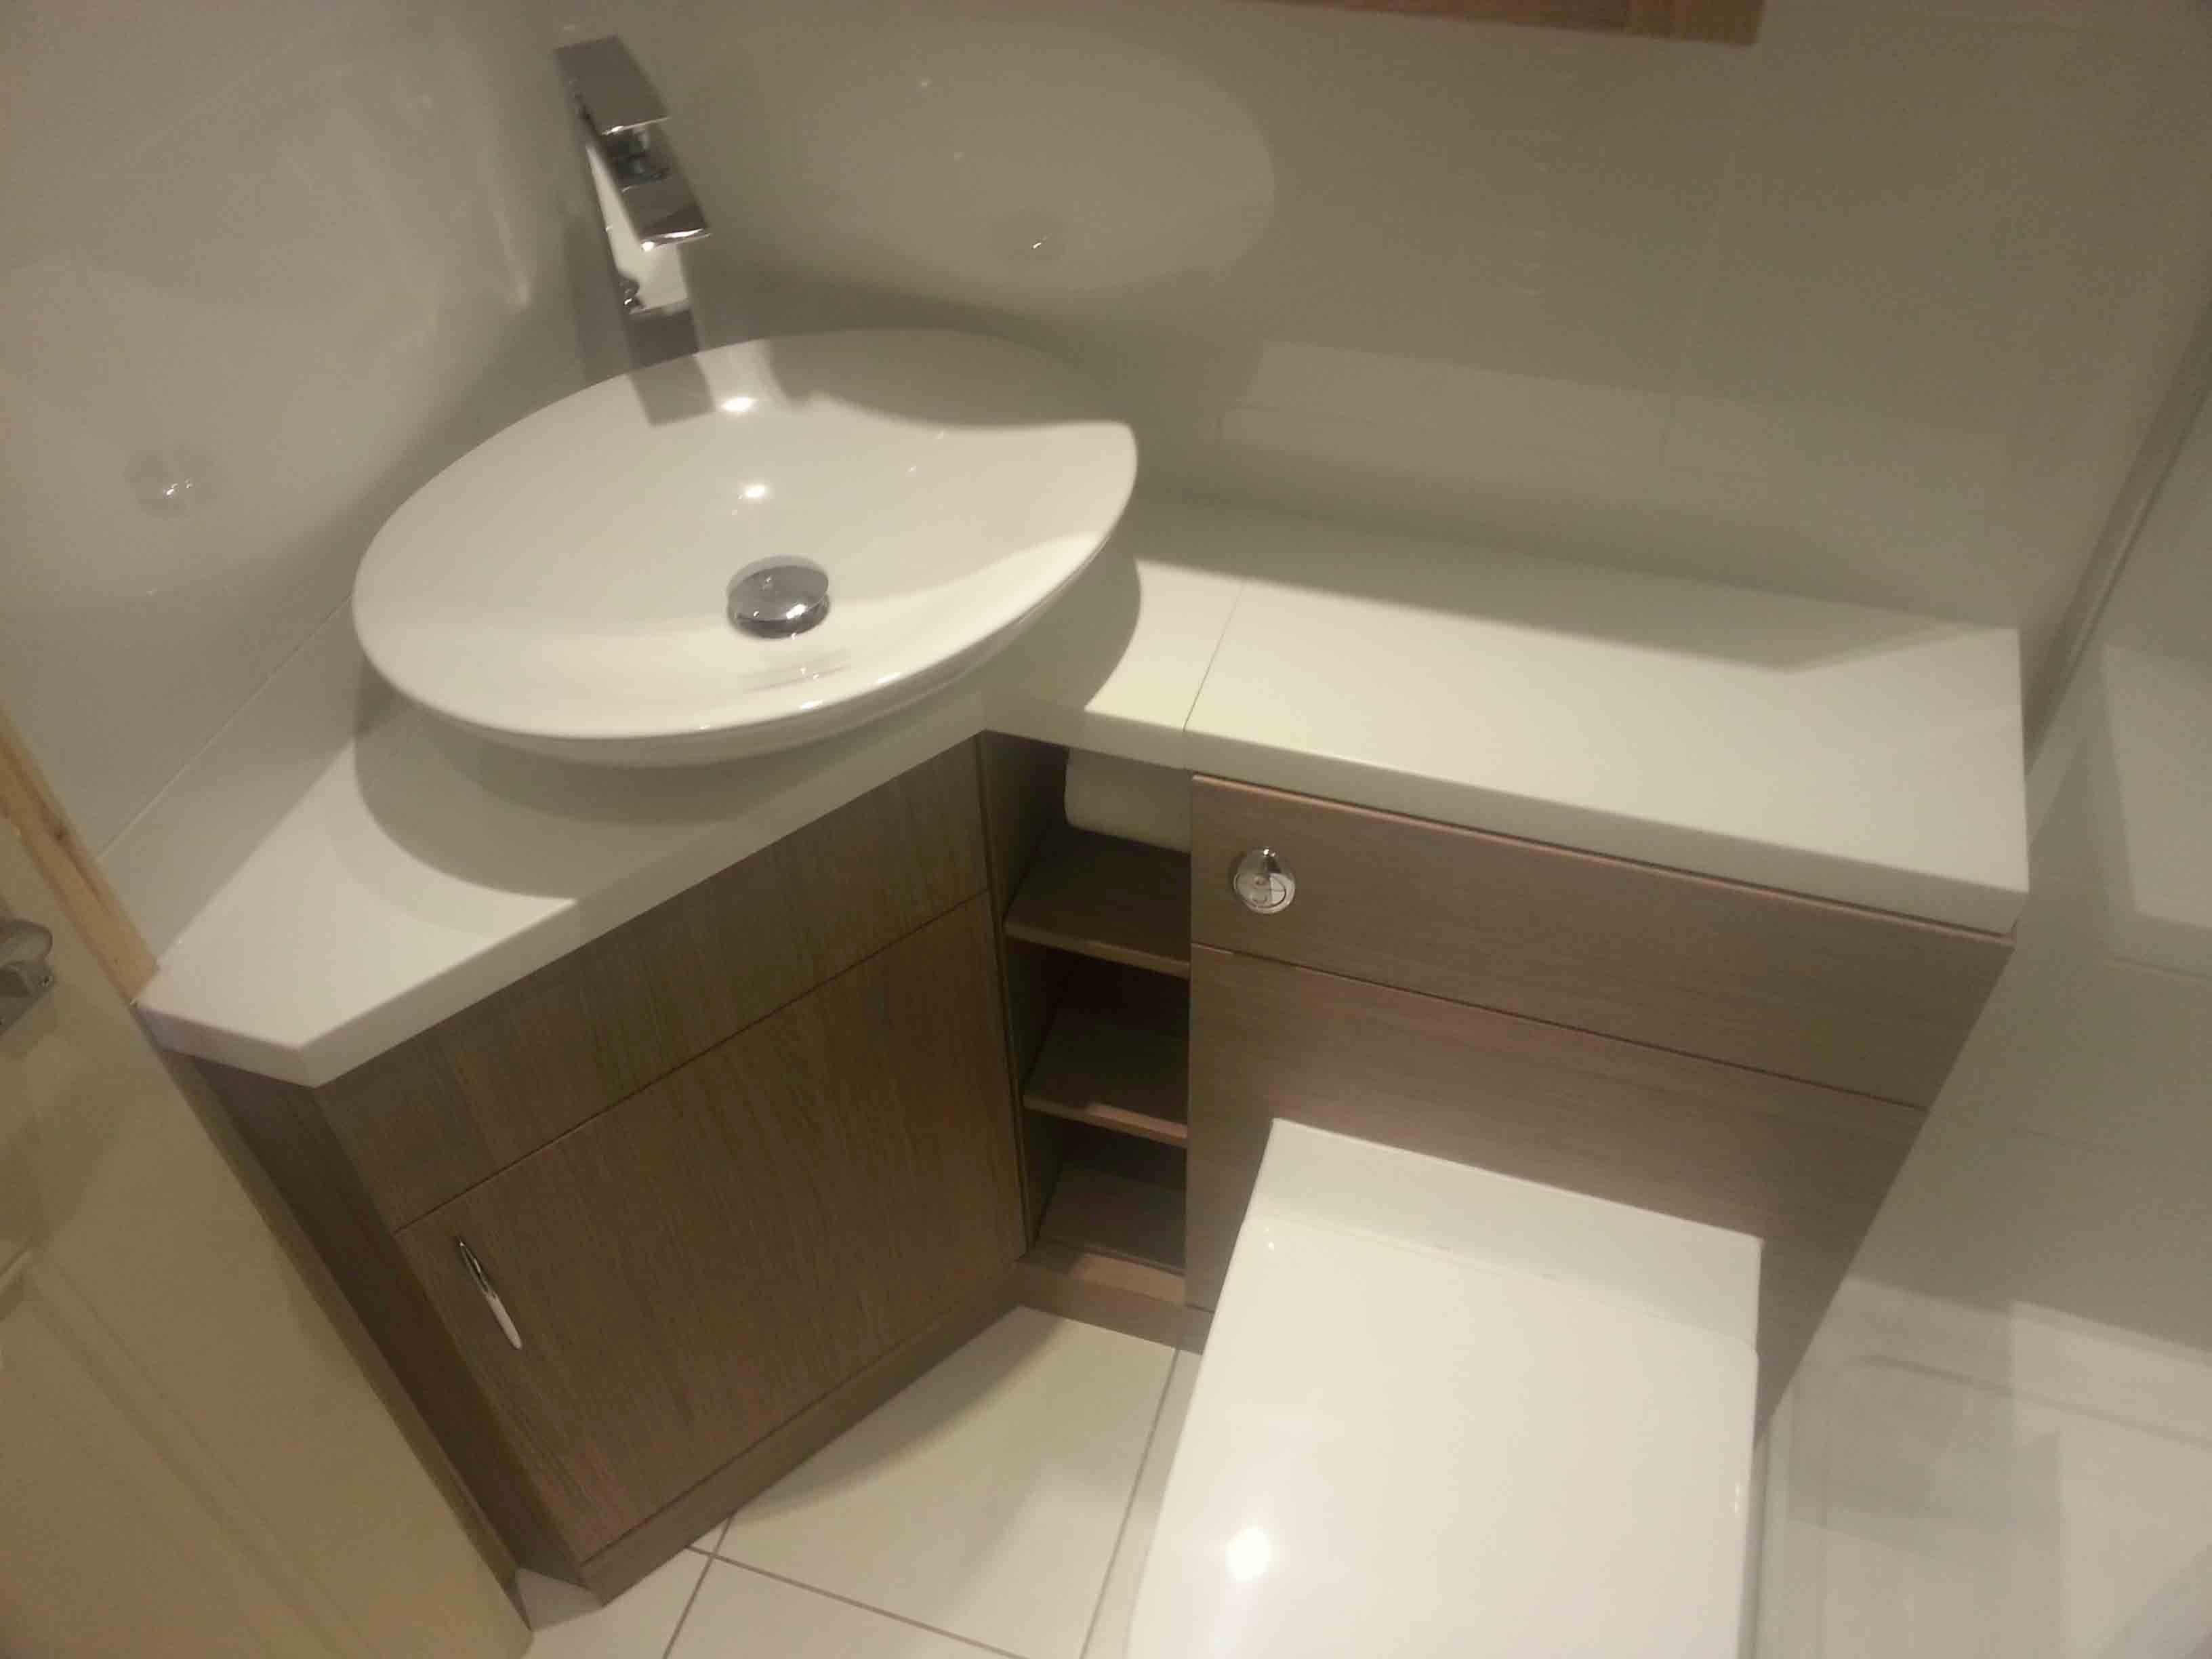 Bathroom Designs Ideas Gallery ~ Fascinating corner bathroom vanity gallery bathroom design ideas